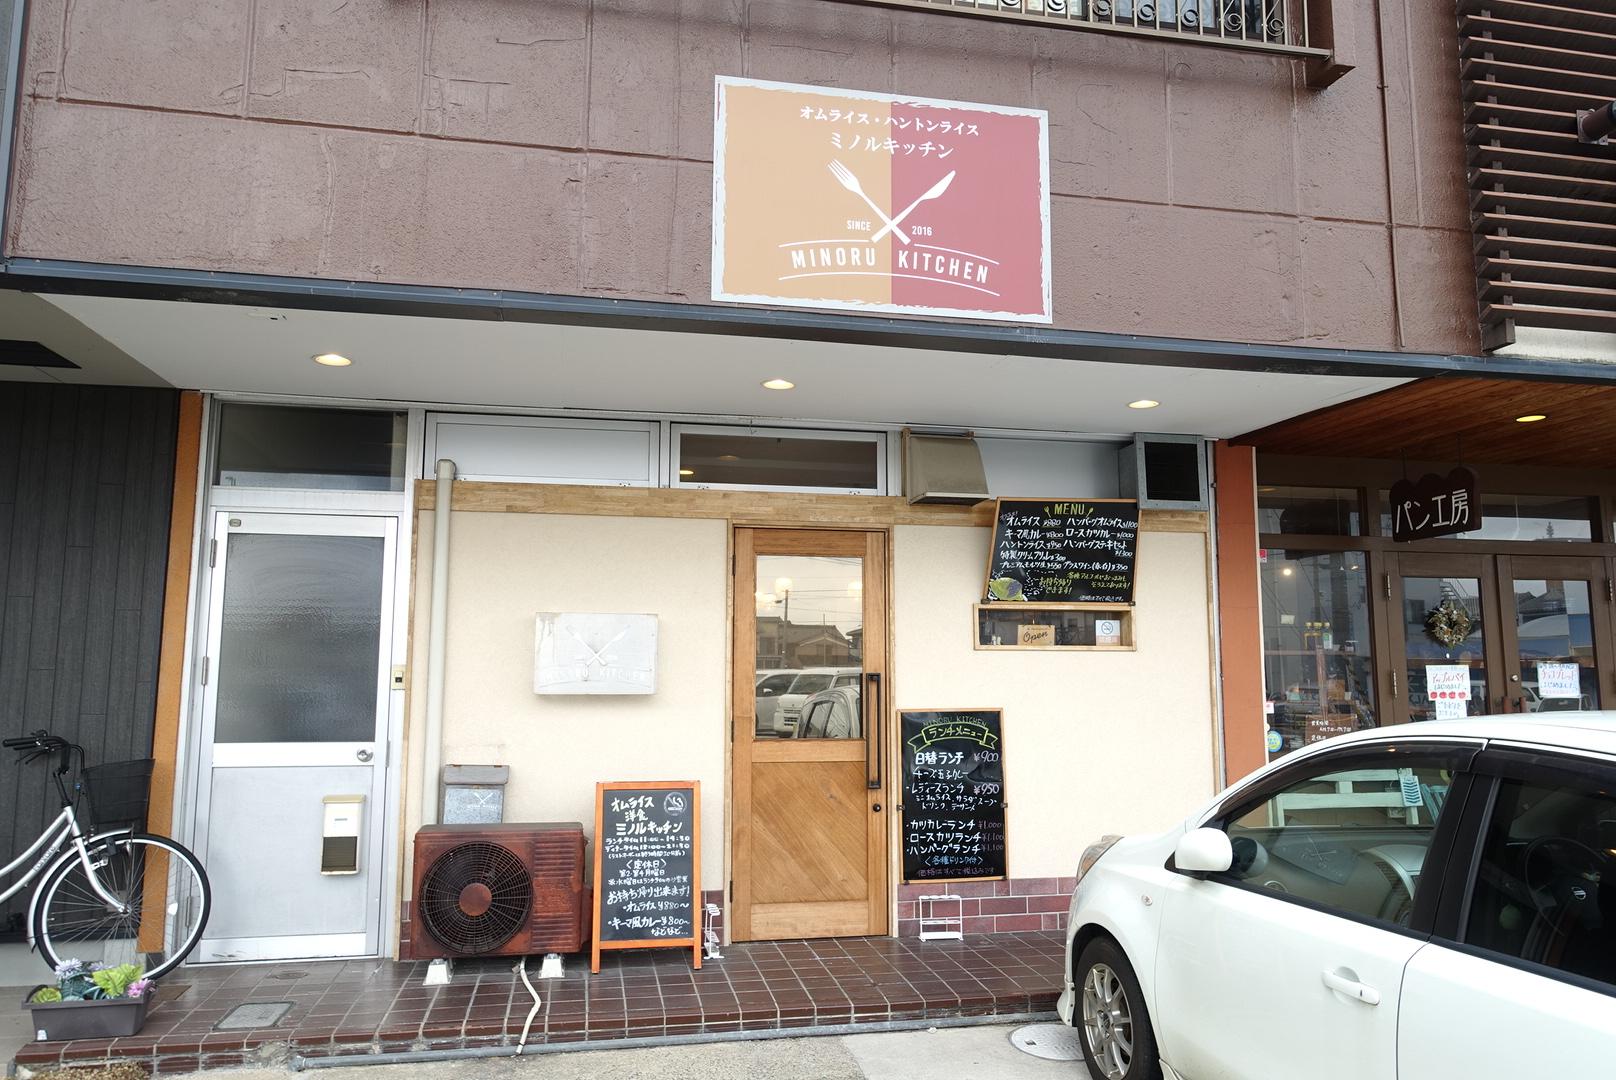 洋食コスパランチ!藤江南ミノルキッチンさん